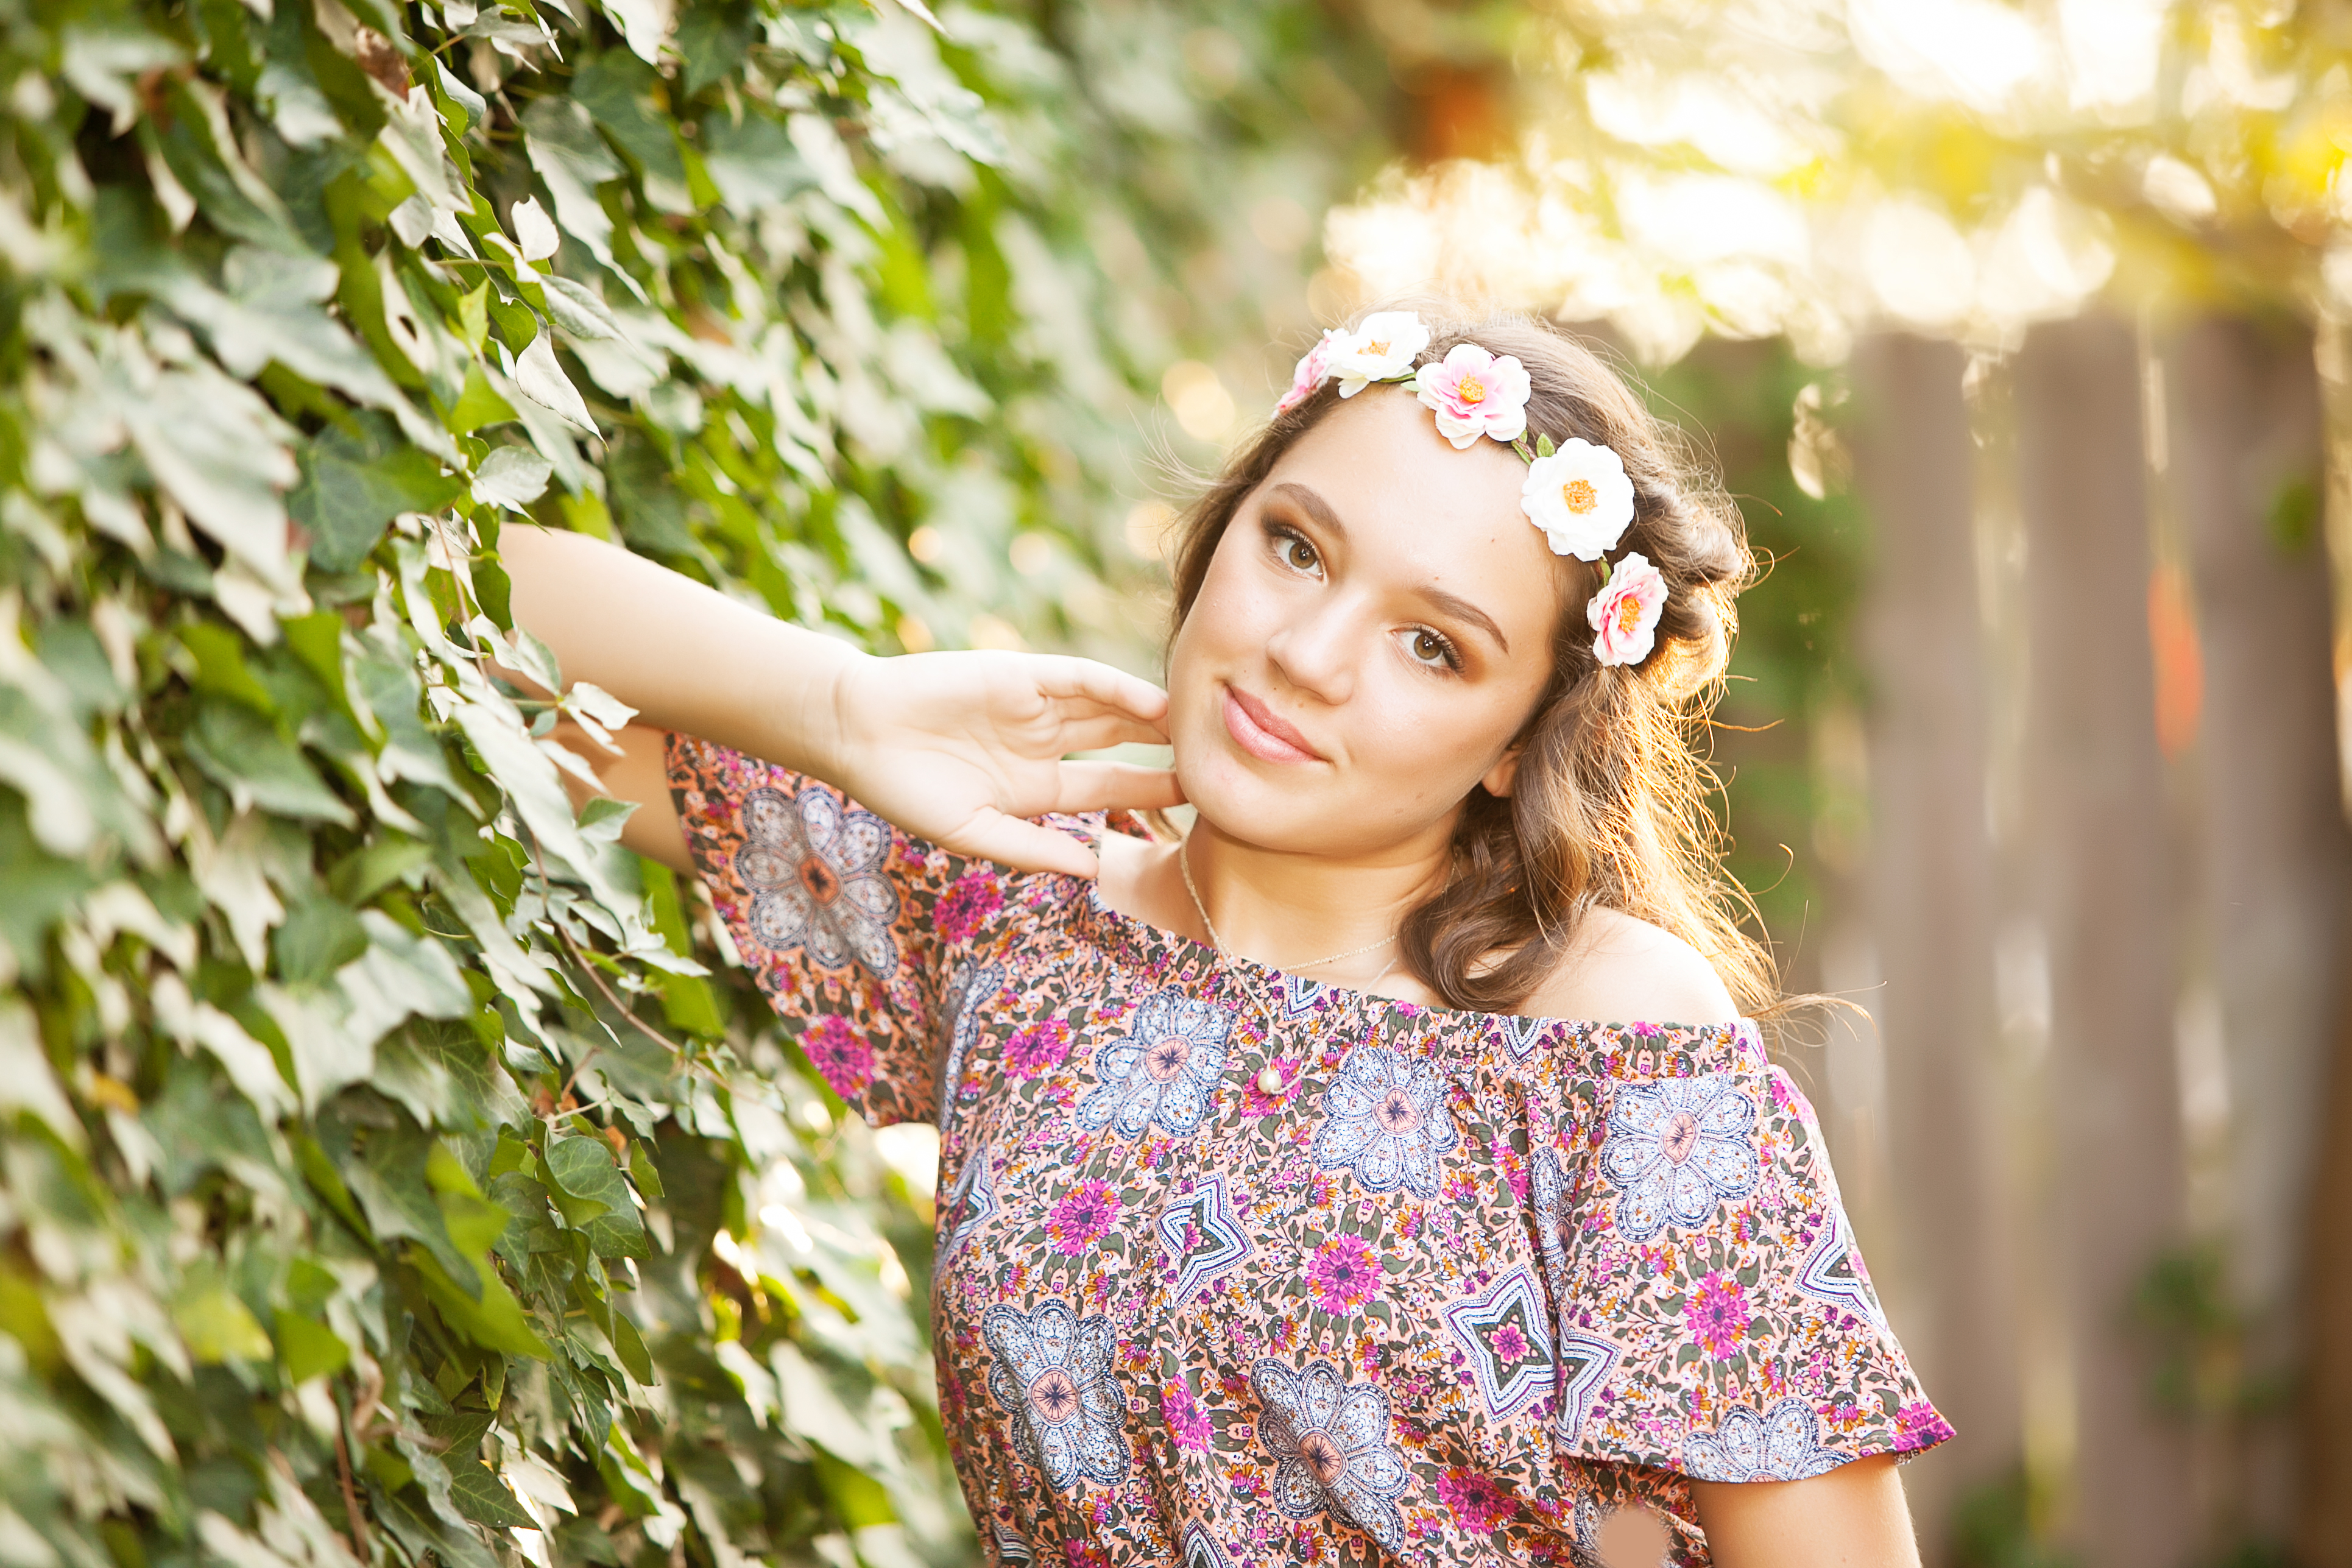 Model_Summer-23533